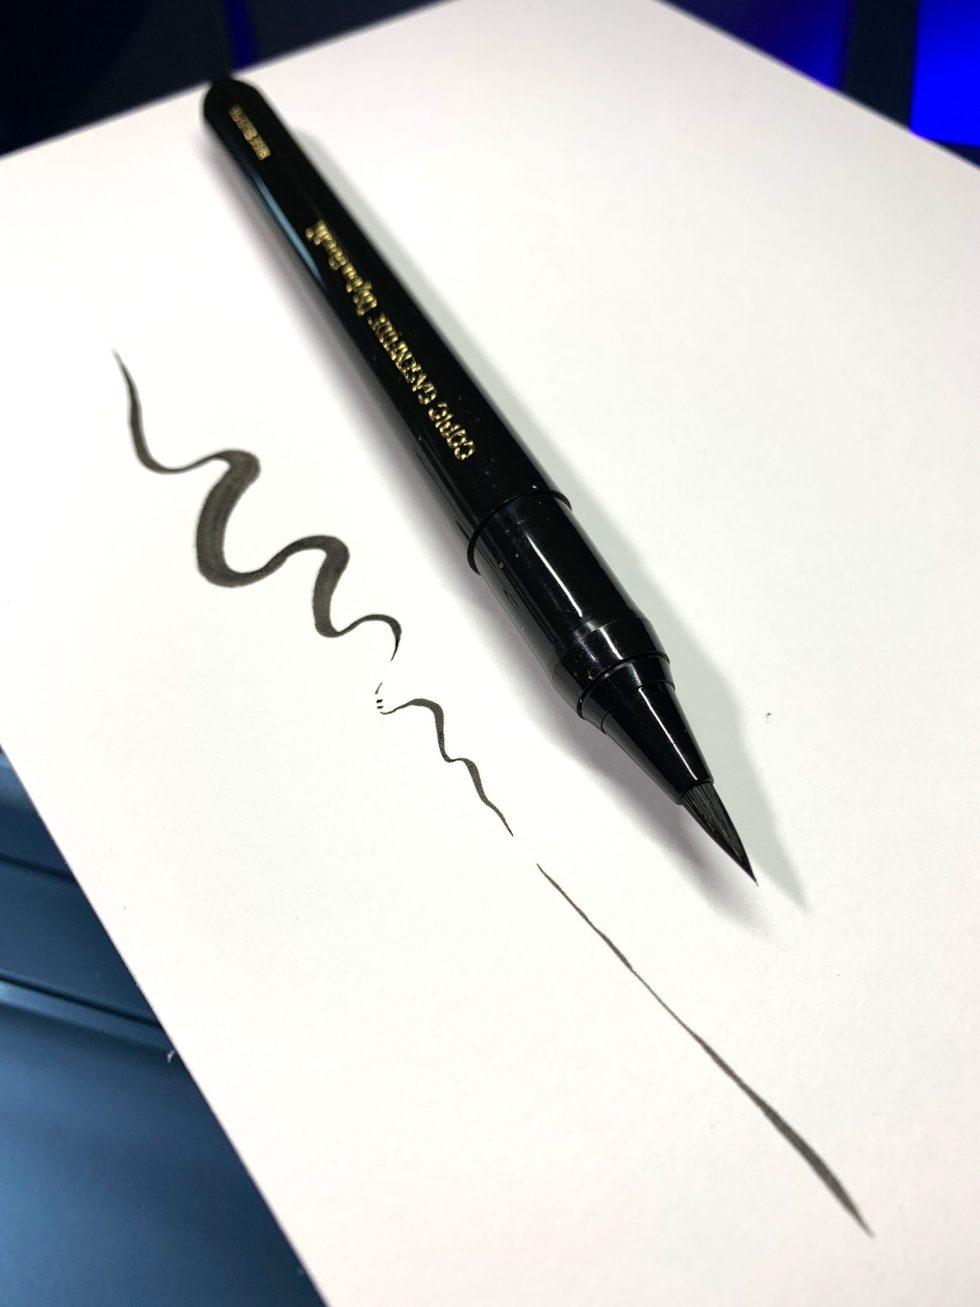 Copic Gasenfude Brush Pen image 5